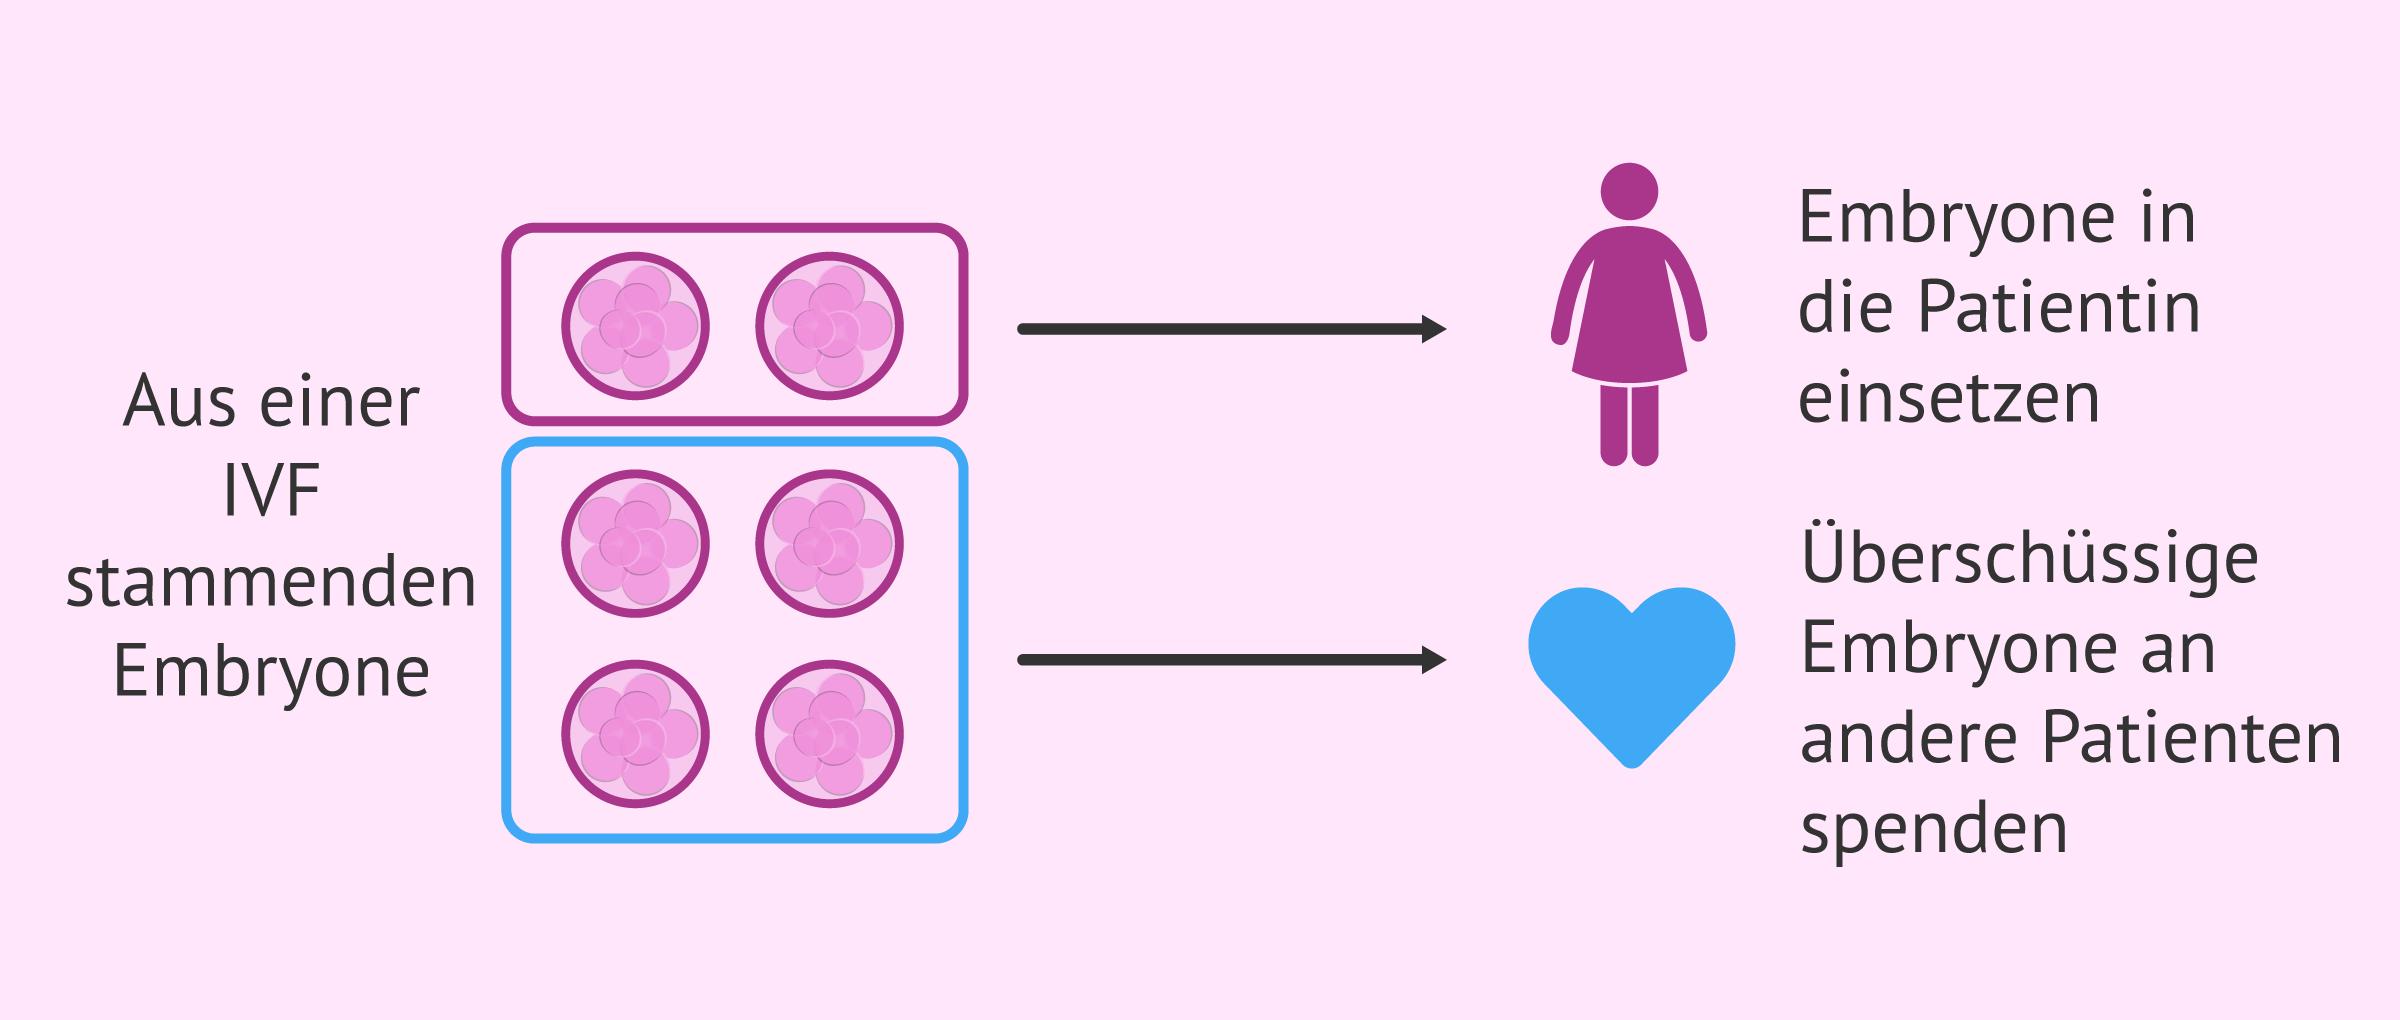 Überschüssige Embryone aus einer IVF spenden